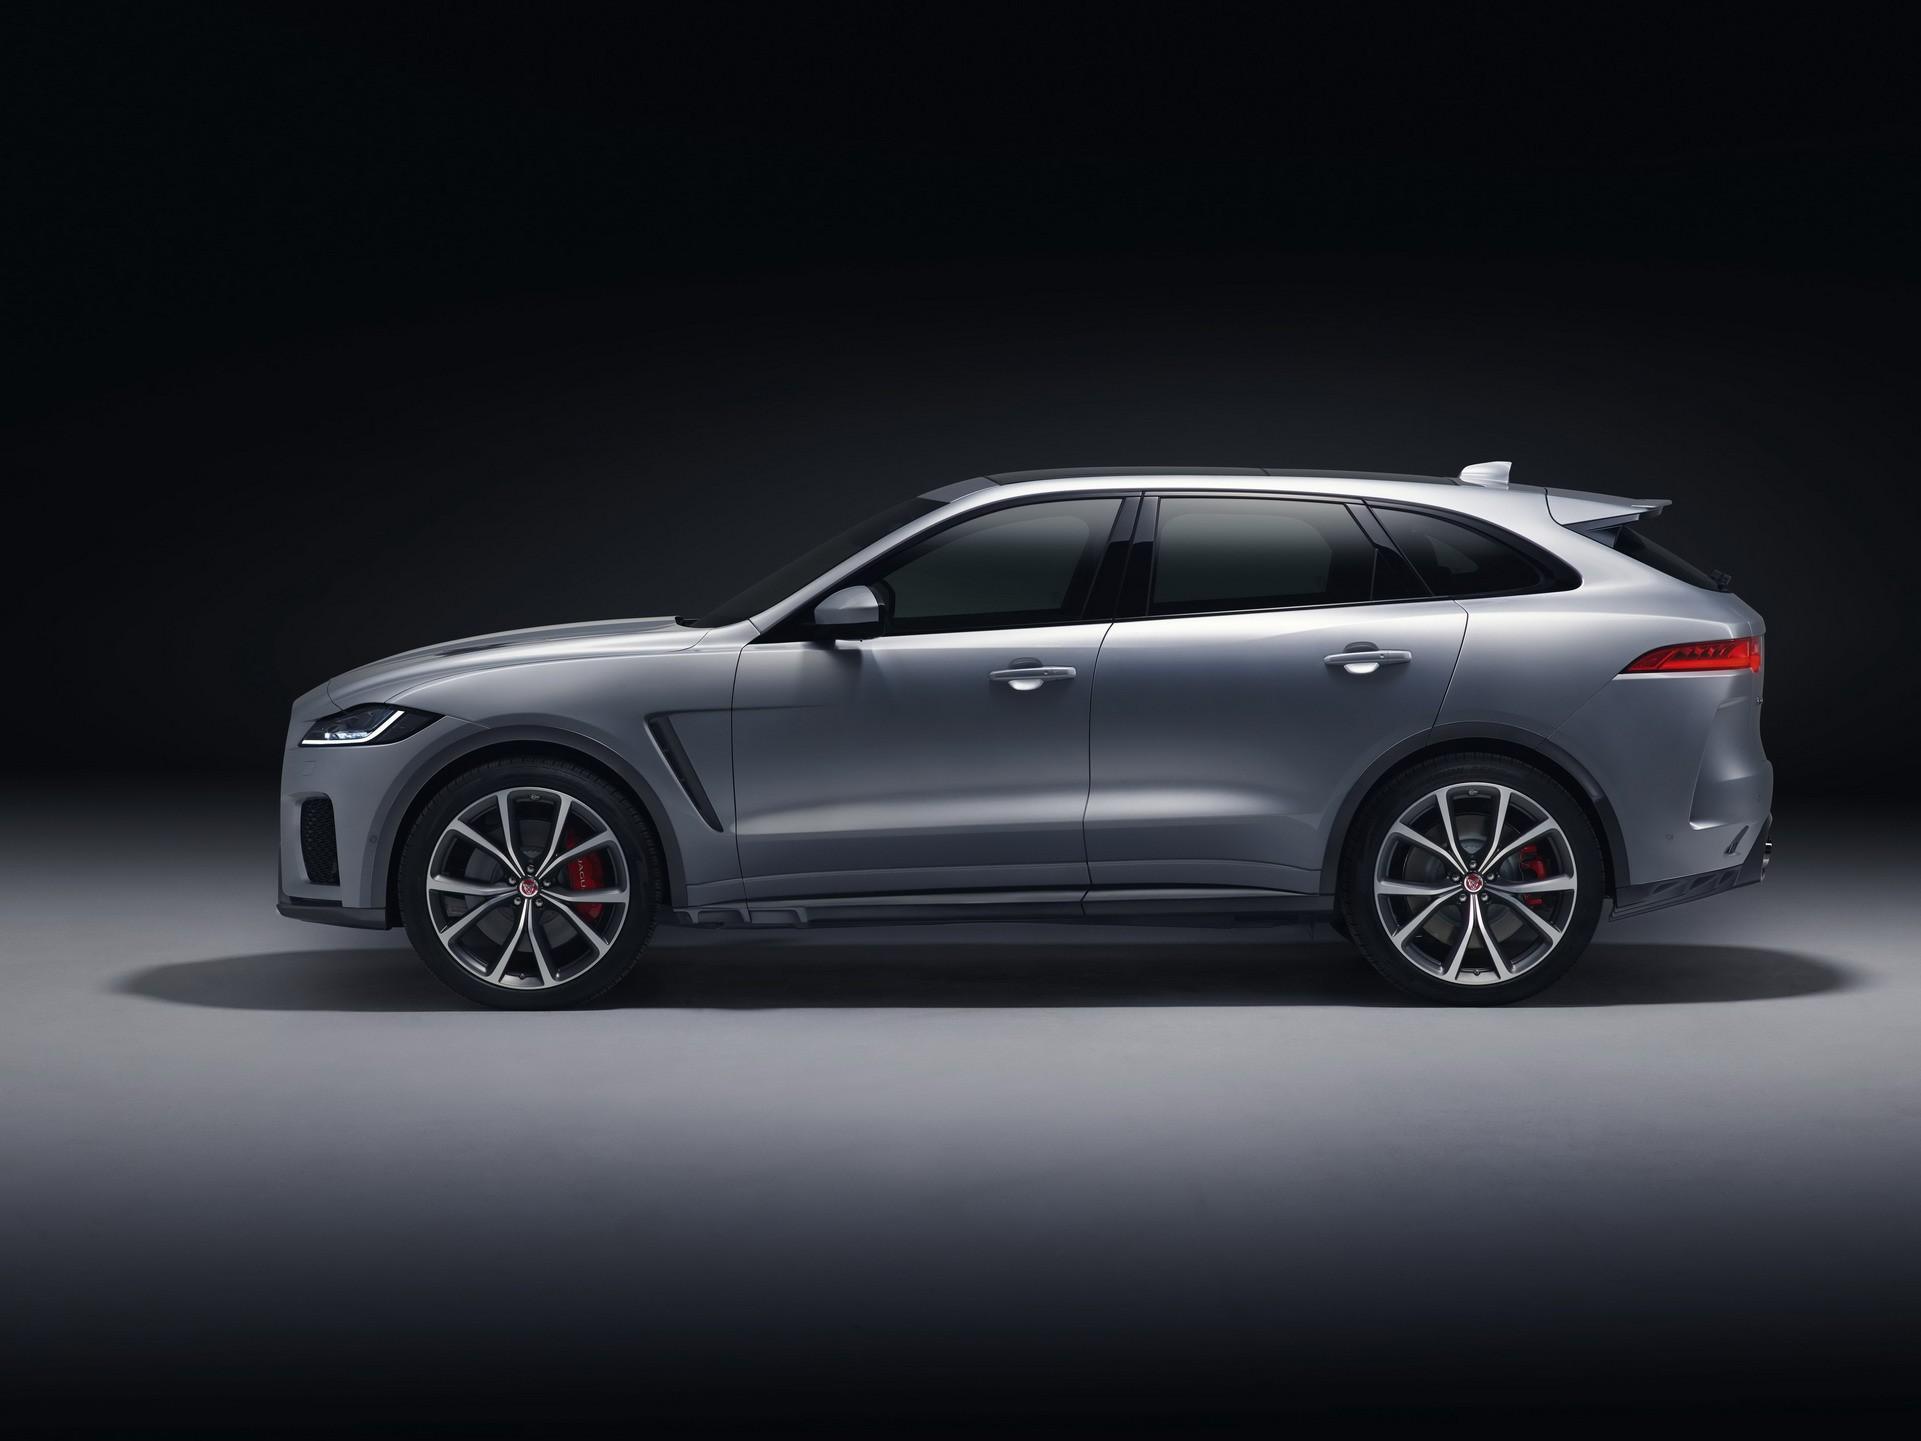 2019 Jaguar F Pace Svr Based Lister Lightning Is The